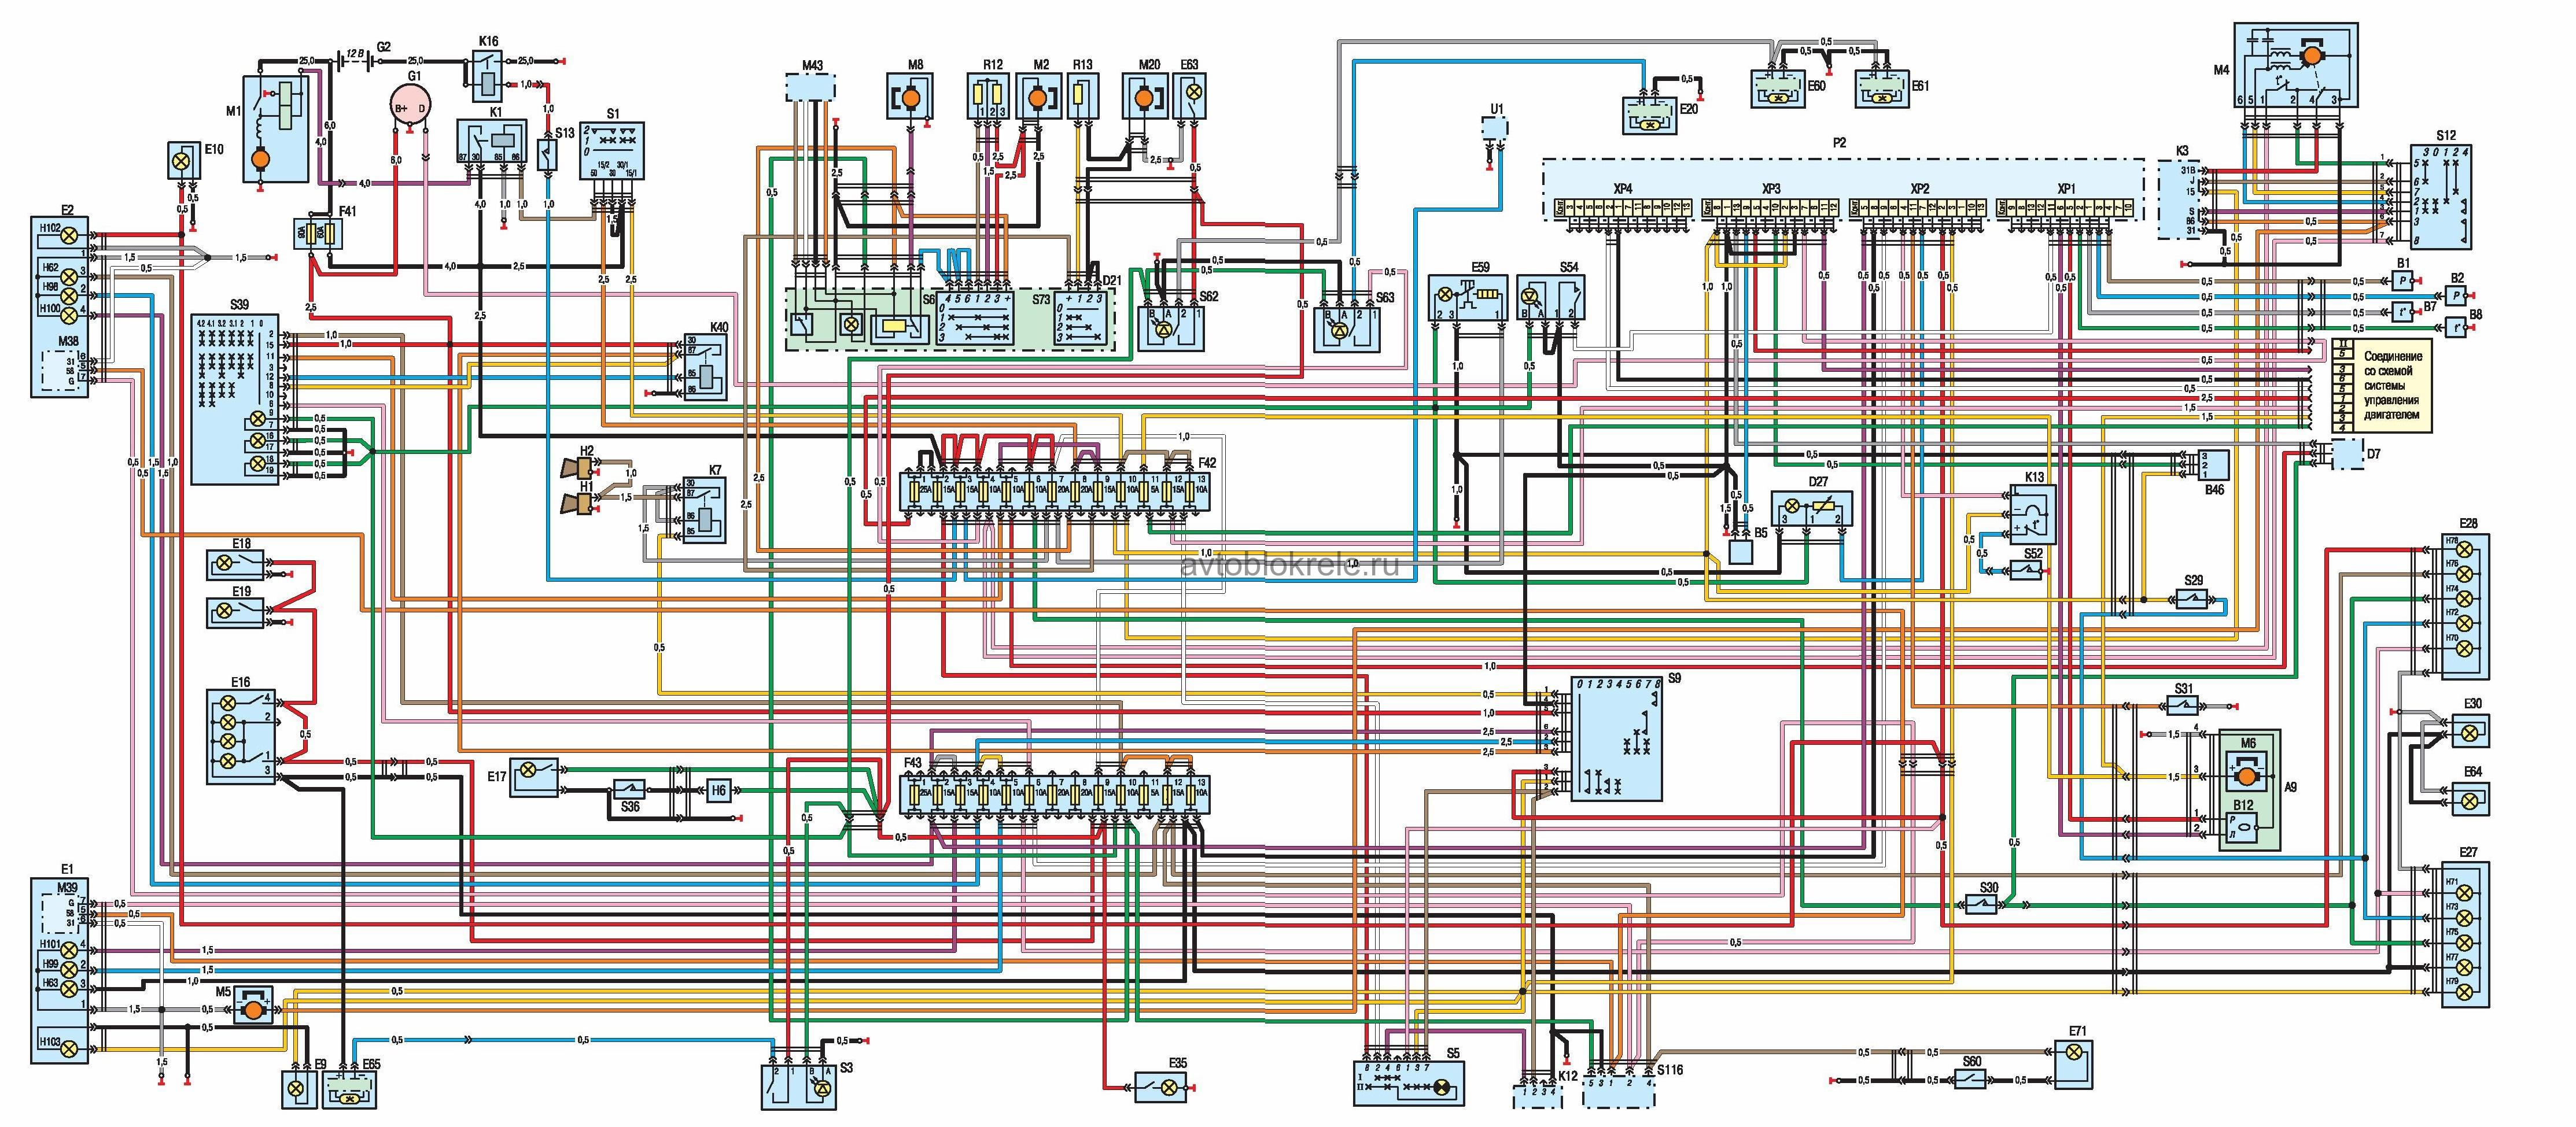 газ 3302 406 двигатель схема проводки тахометр